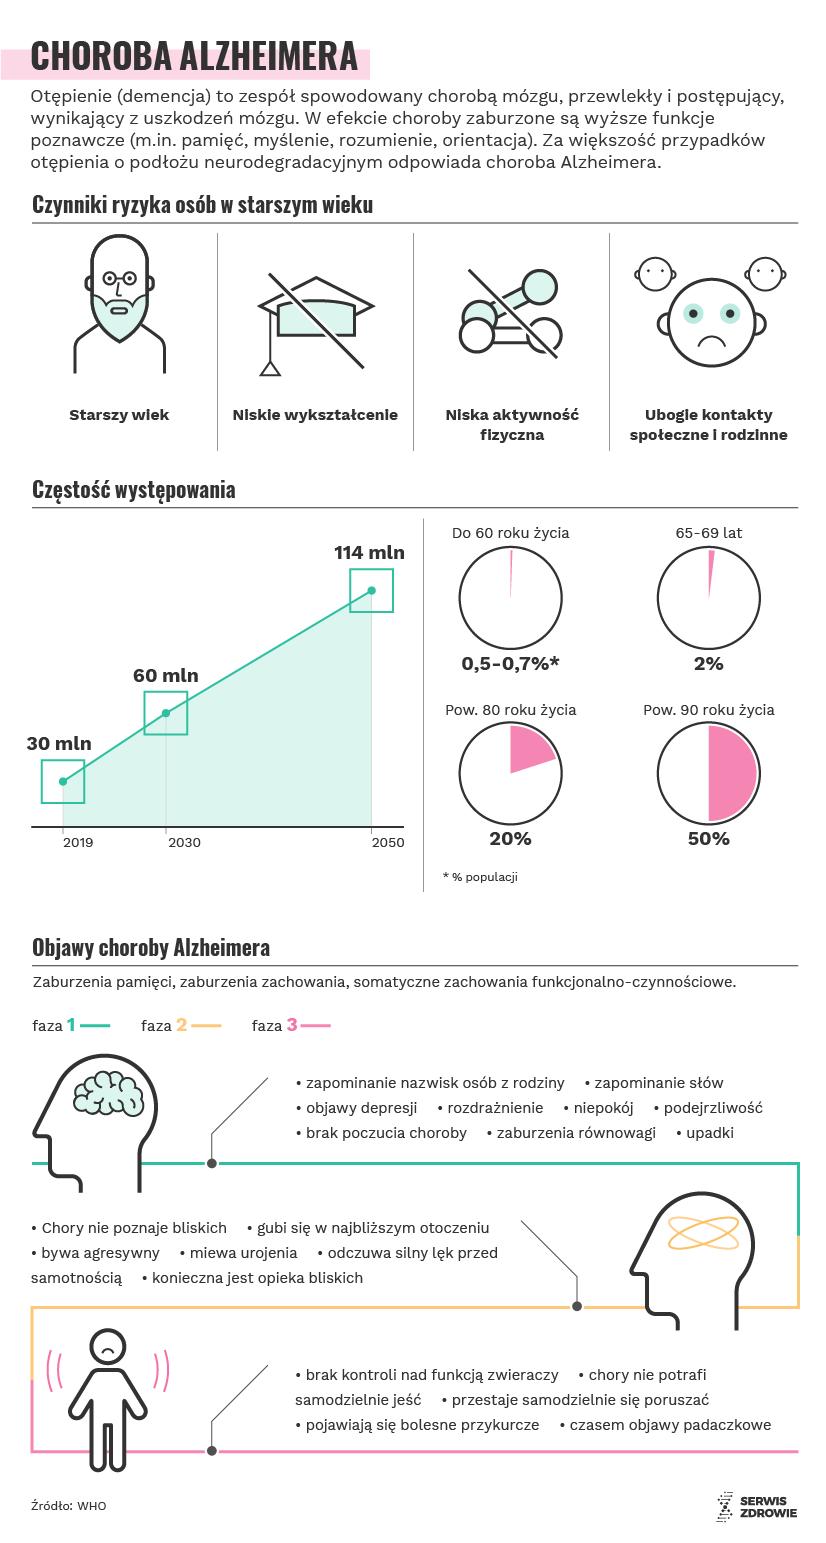 Infografika PAP/Serwis Zdrowie/A. Zajkowska